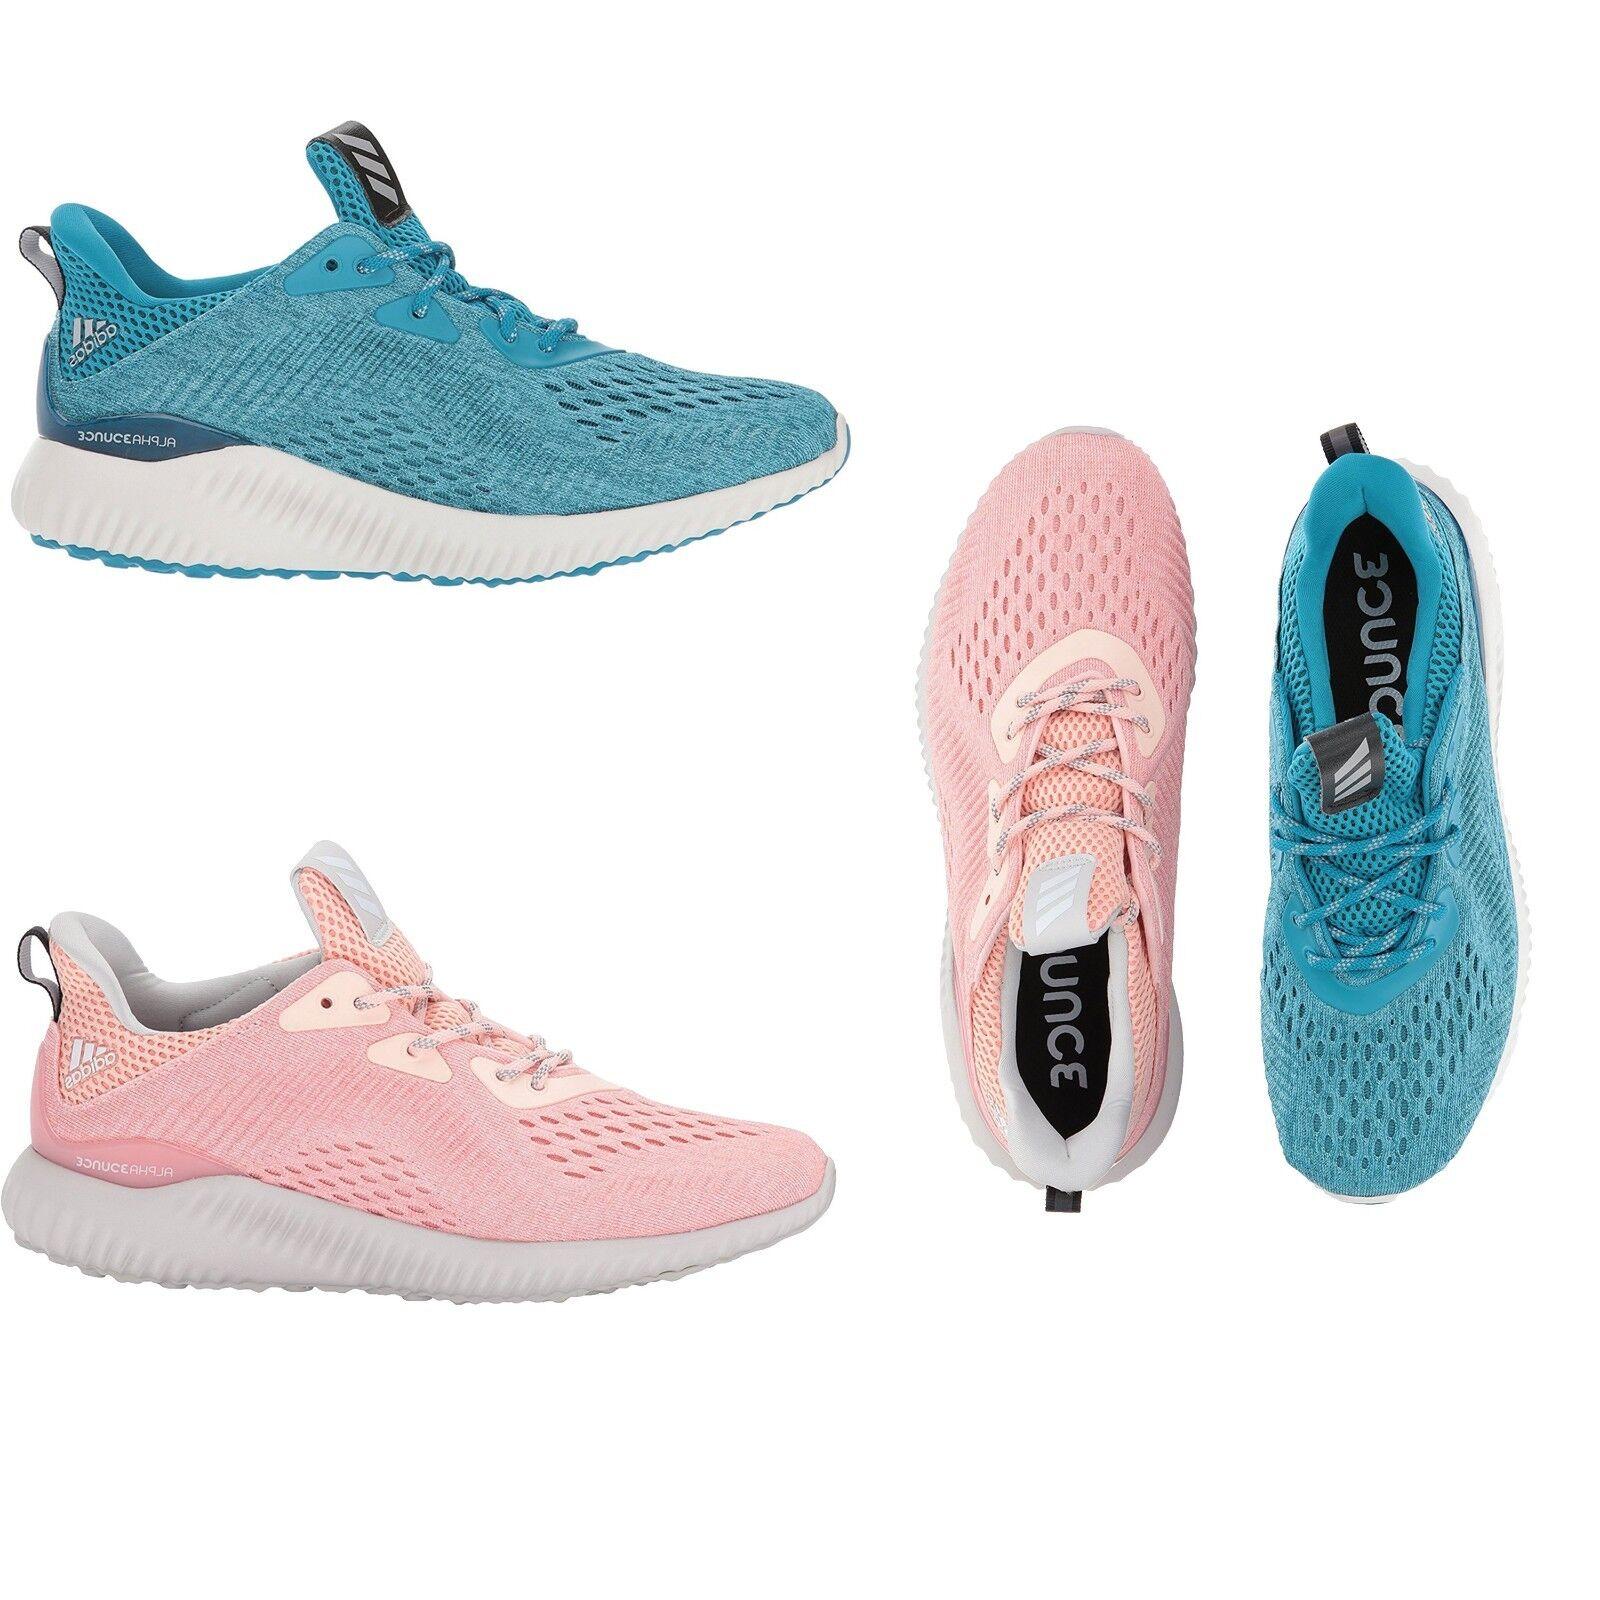 neue adidas - adiwear frauen springen blue sie w laufschuhe turnschuhe blue springen pink 2e725c